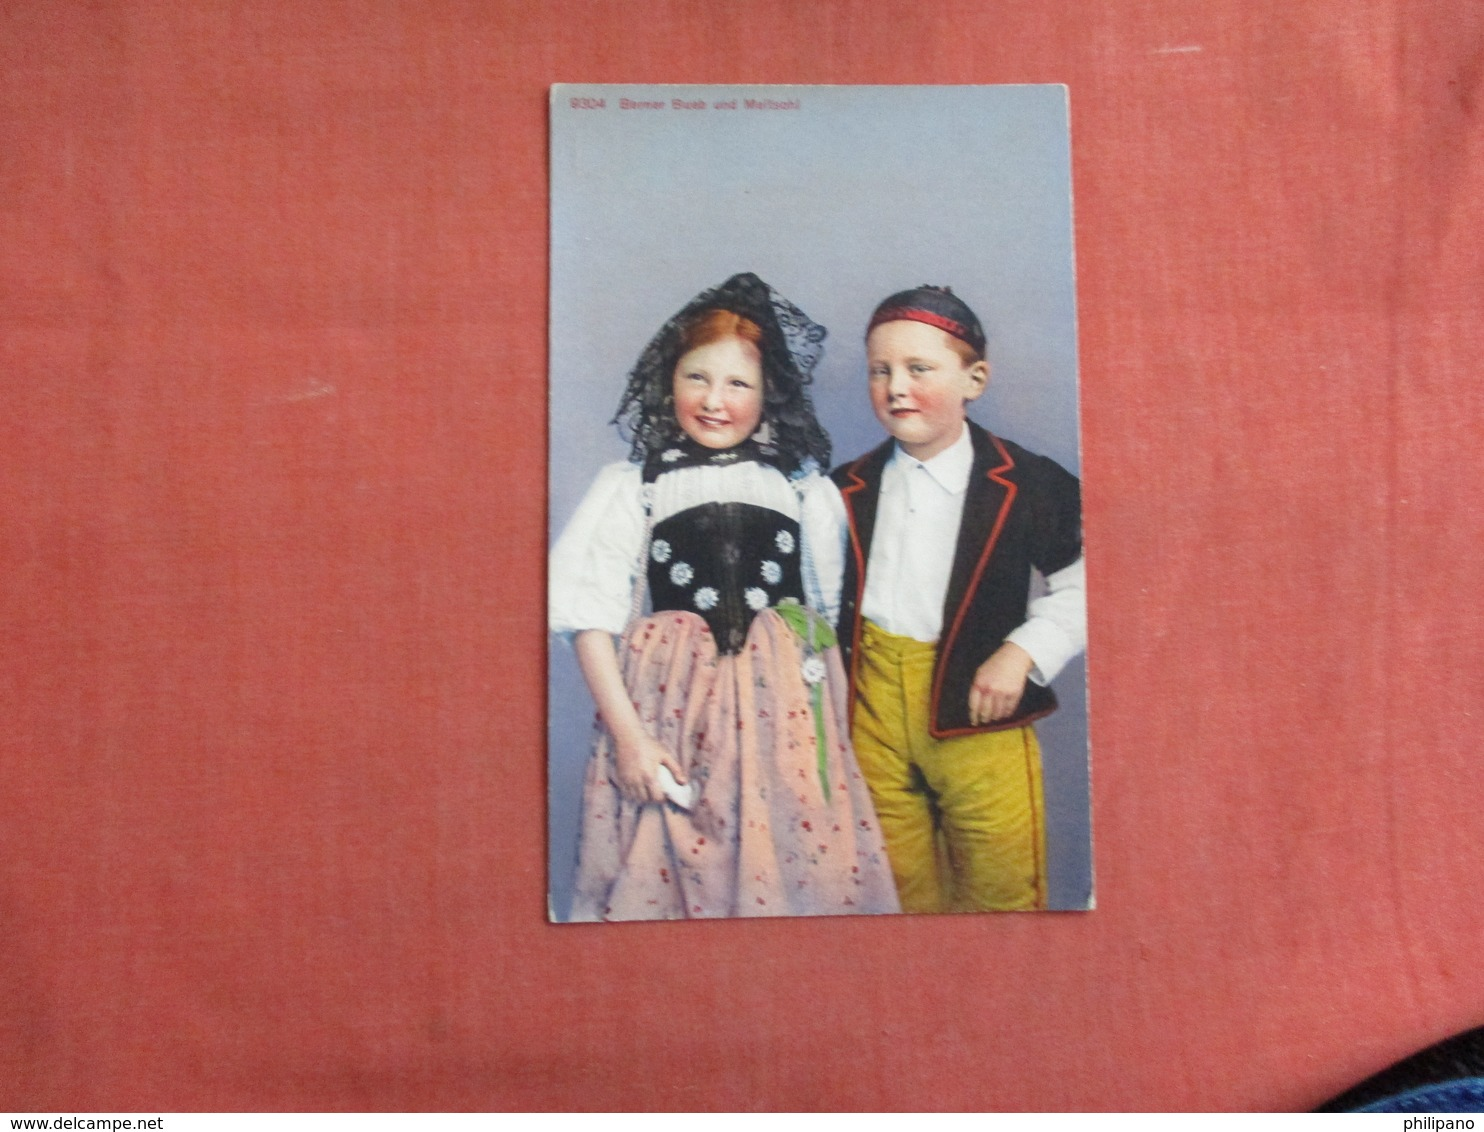 Berner Bueb Und Meitschi     Ref 3102 - Europe